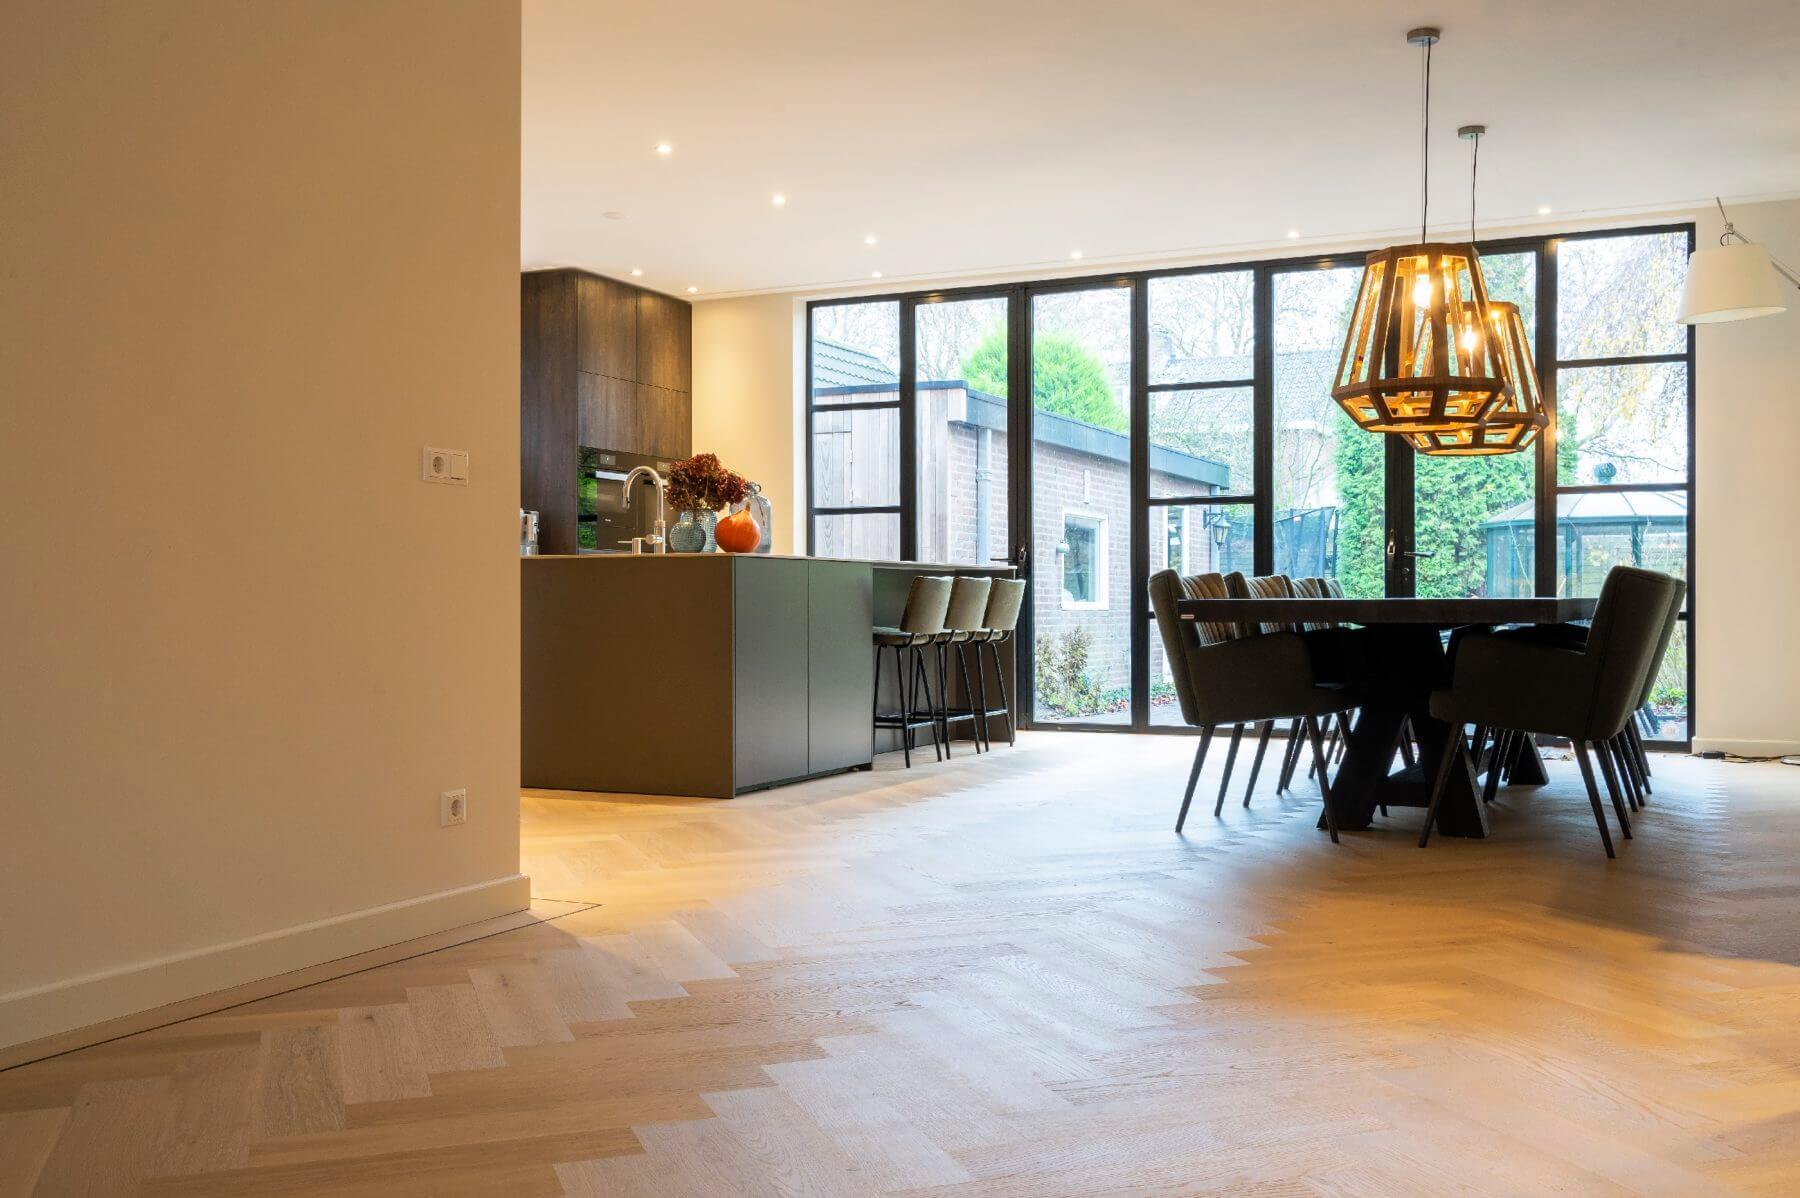 Bauwerk Formpark Quadrato Crema in de keuken